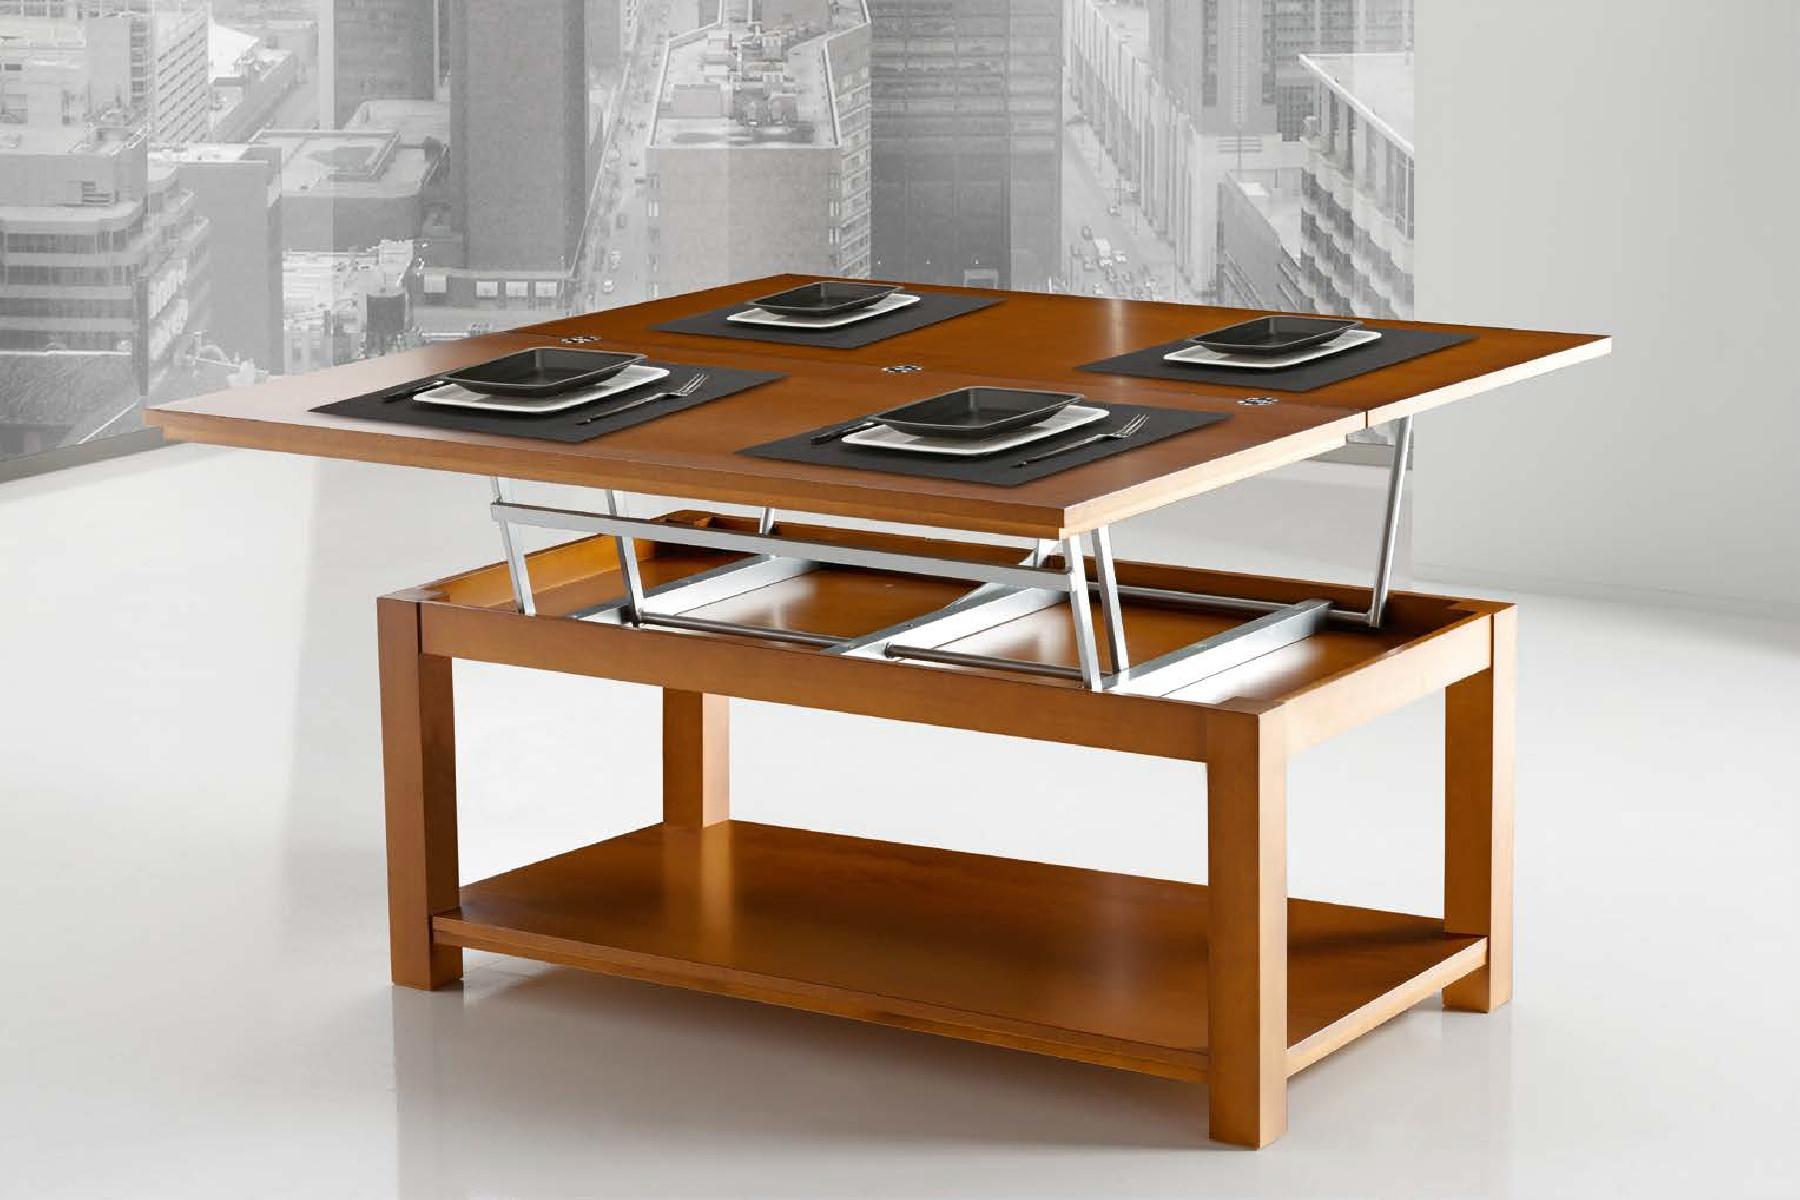 Журнальный стол трансформер 52 Disemobel